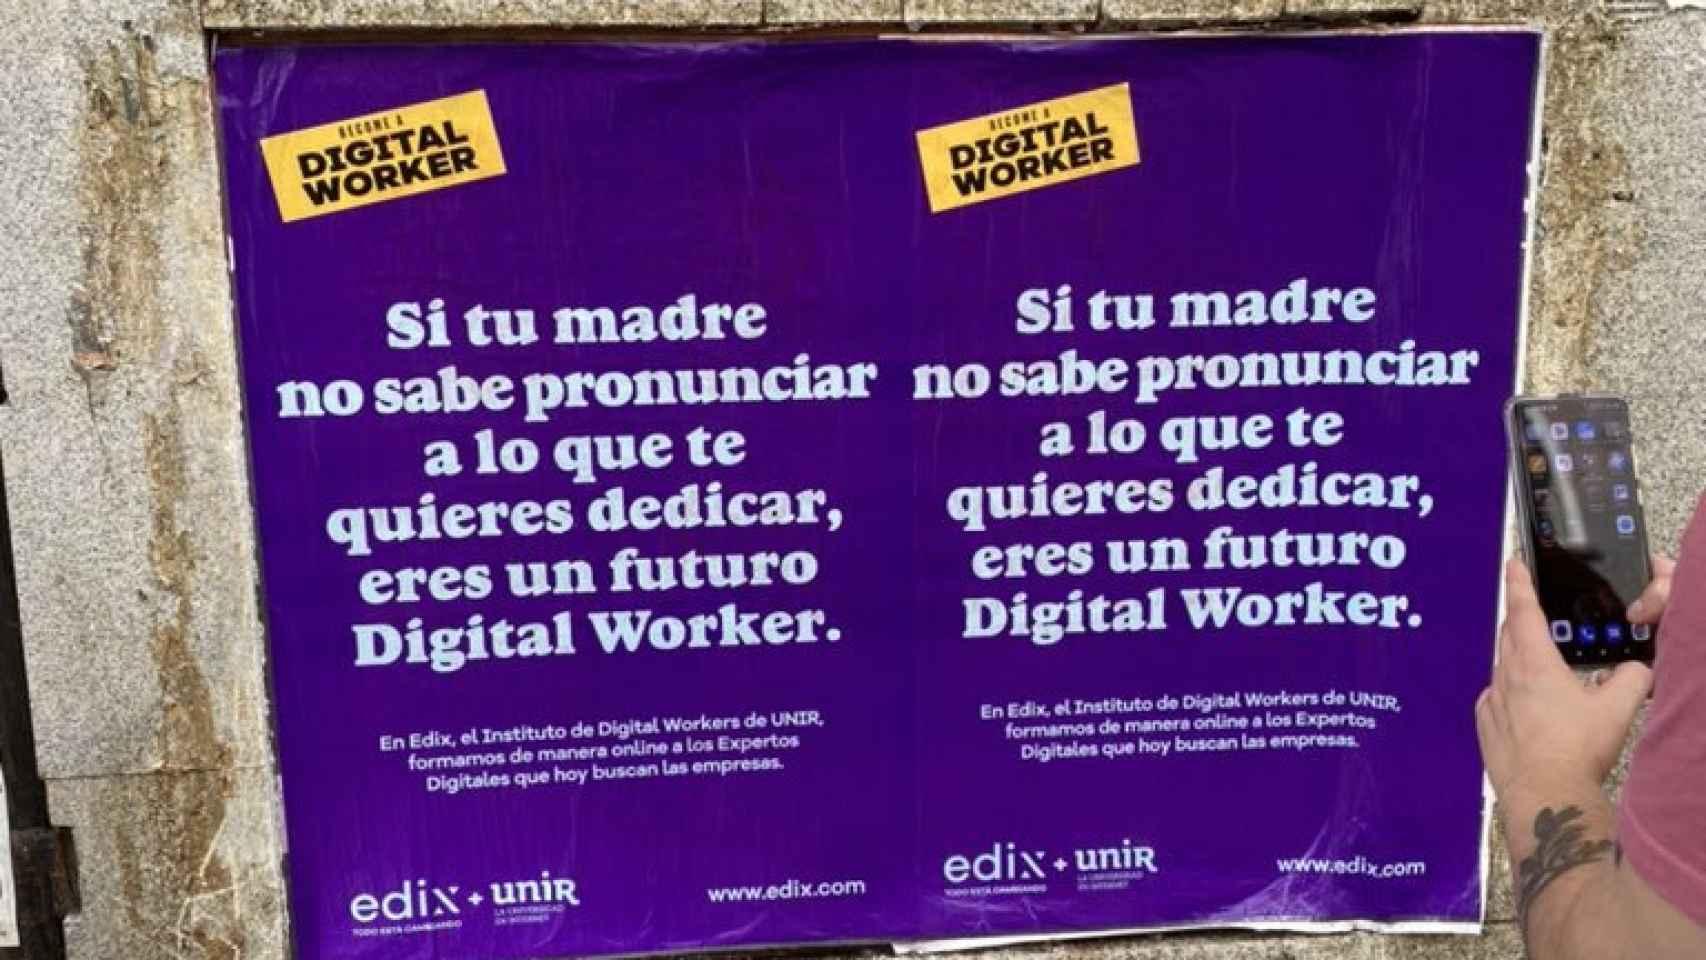 Imagen del cartel de publicidad de la UNIR.